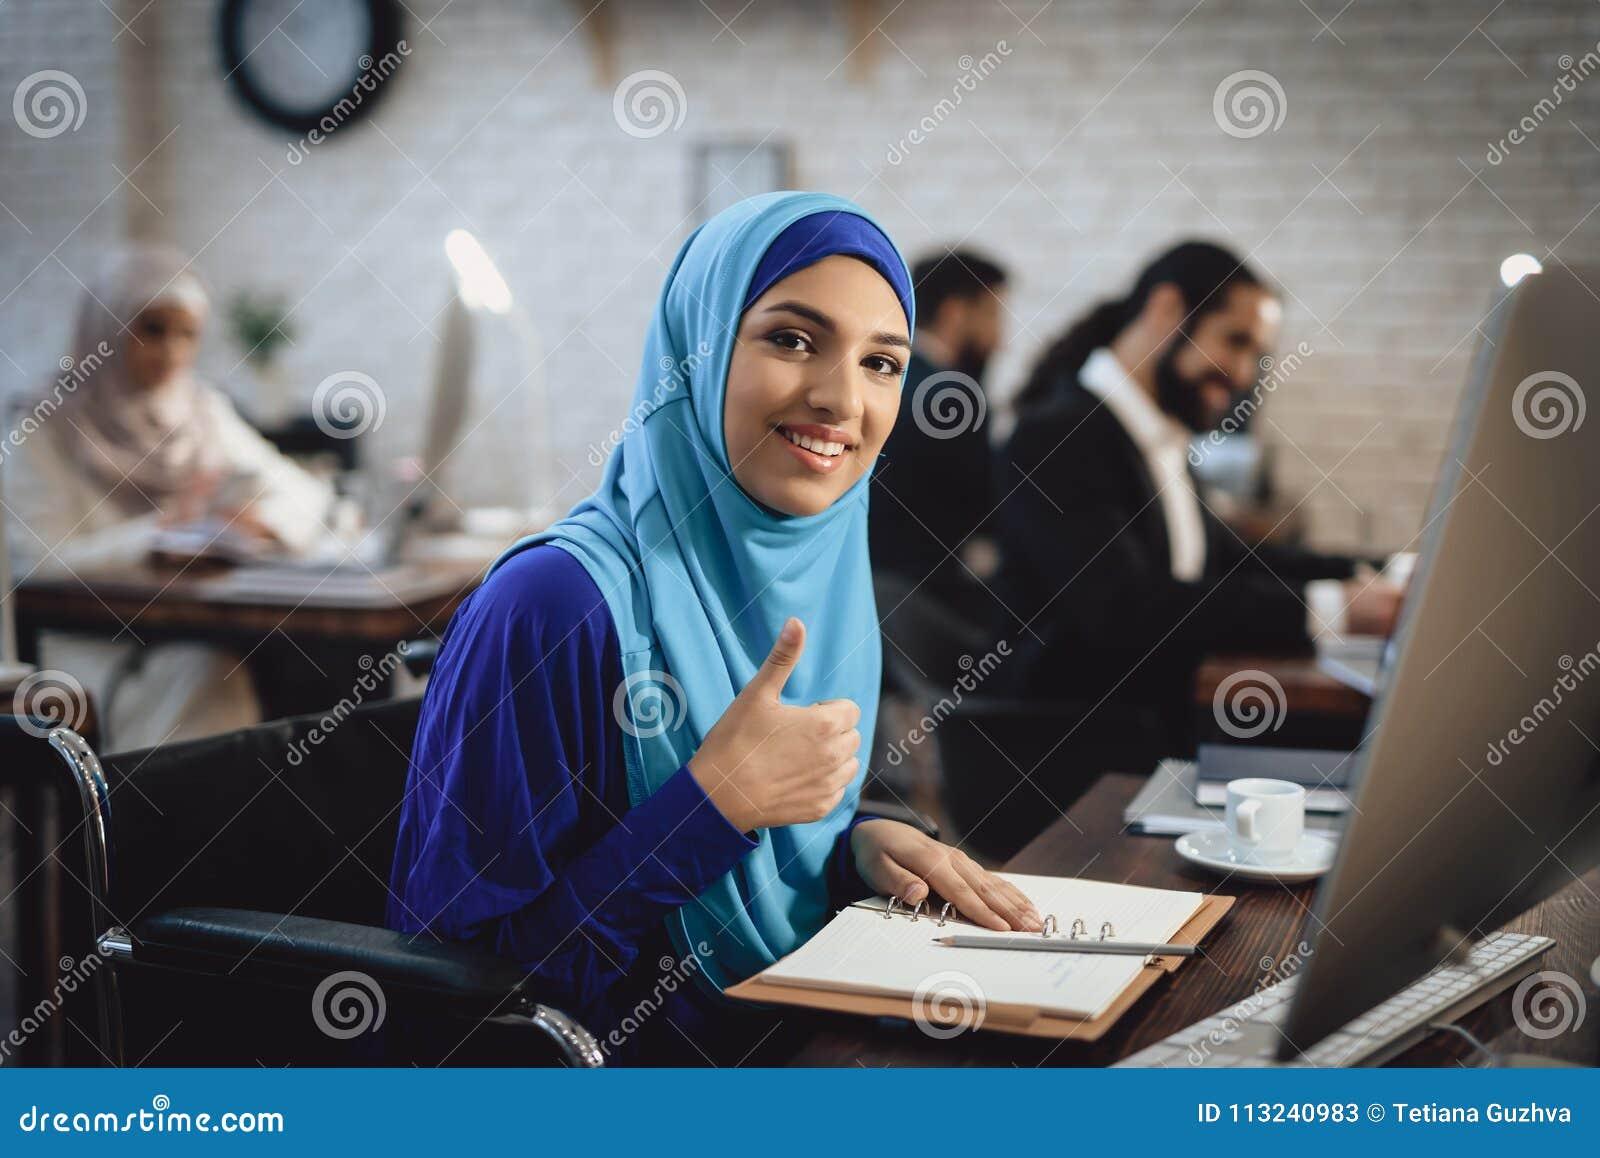 Behinderte arabische Frau im Rollstuhl, der im Büro arbeitet Frau gibt Daumen auf